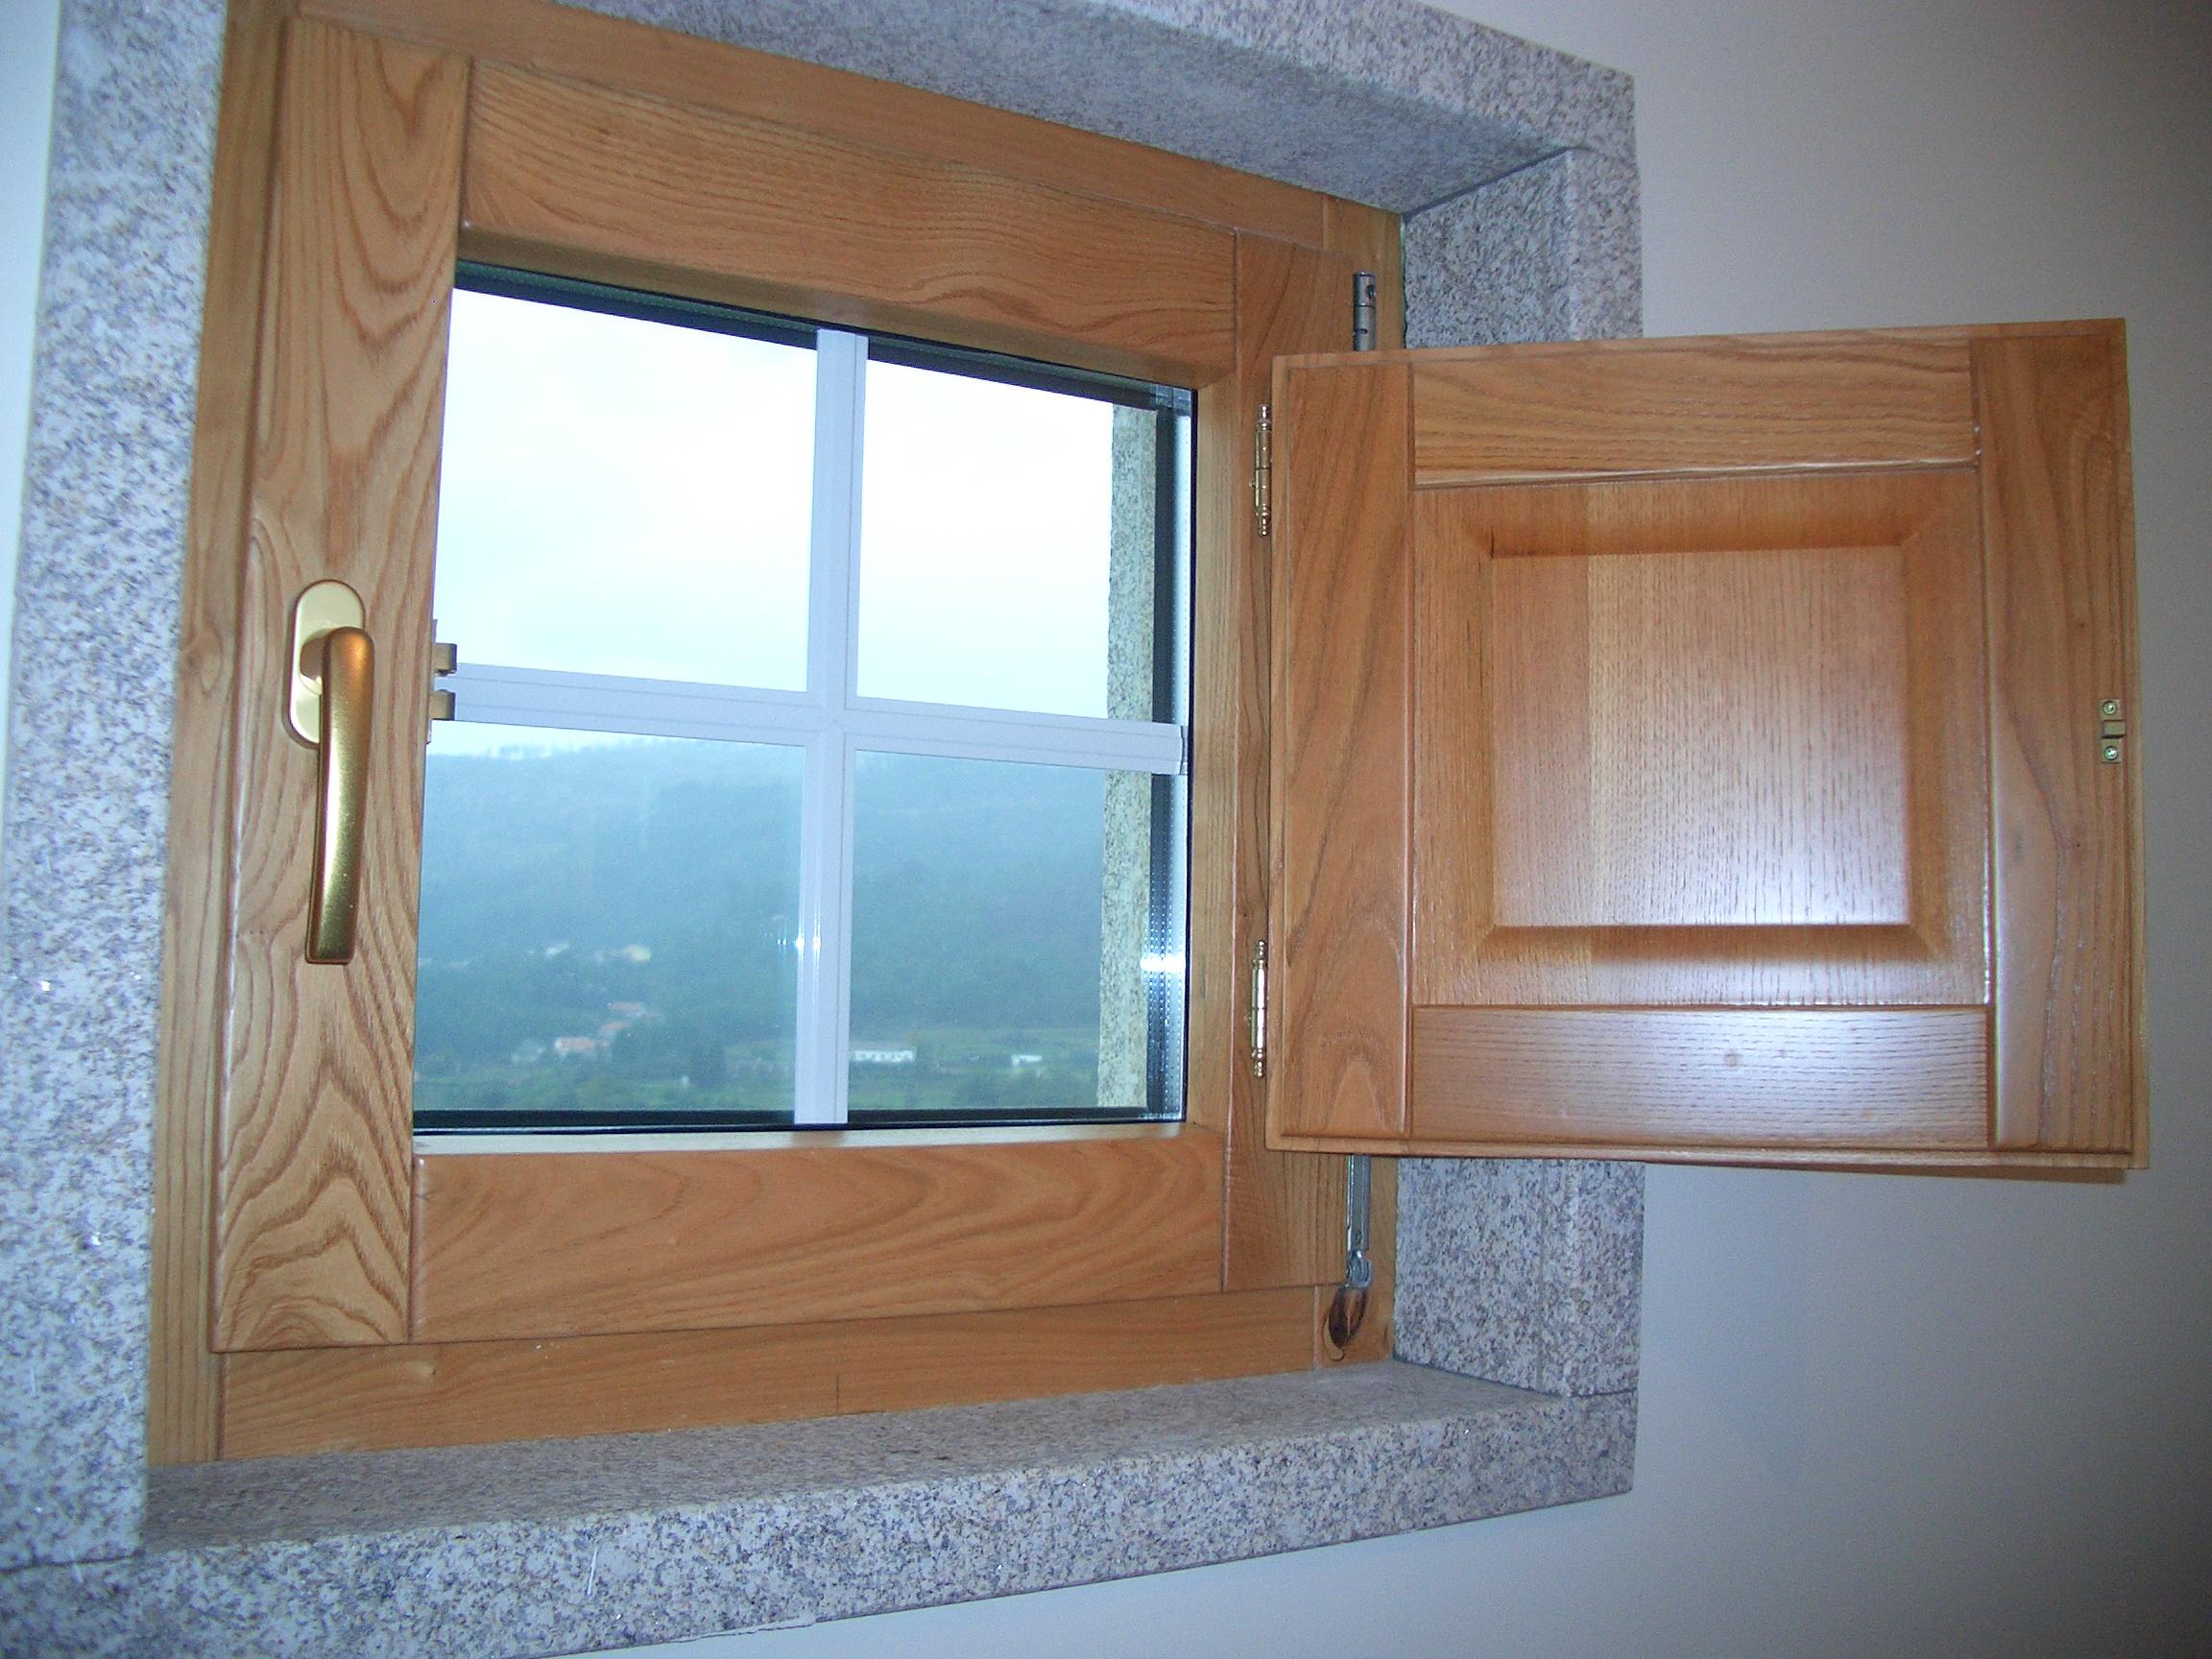 #347098  MADEIRA ALUMÍNIO porta/janela em madeira alumínio janela madeira 1668 Janela De Aluminio Madeira Madeira